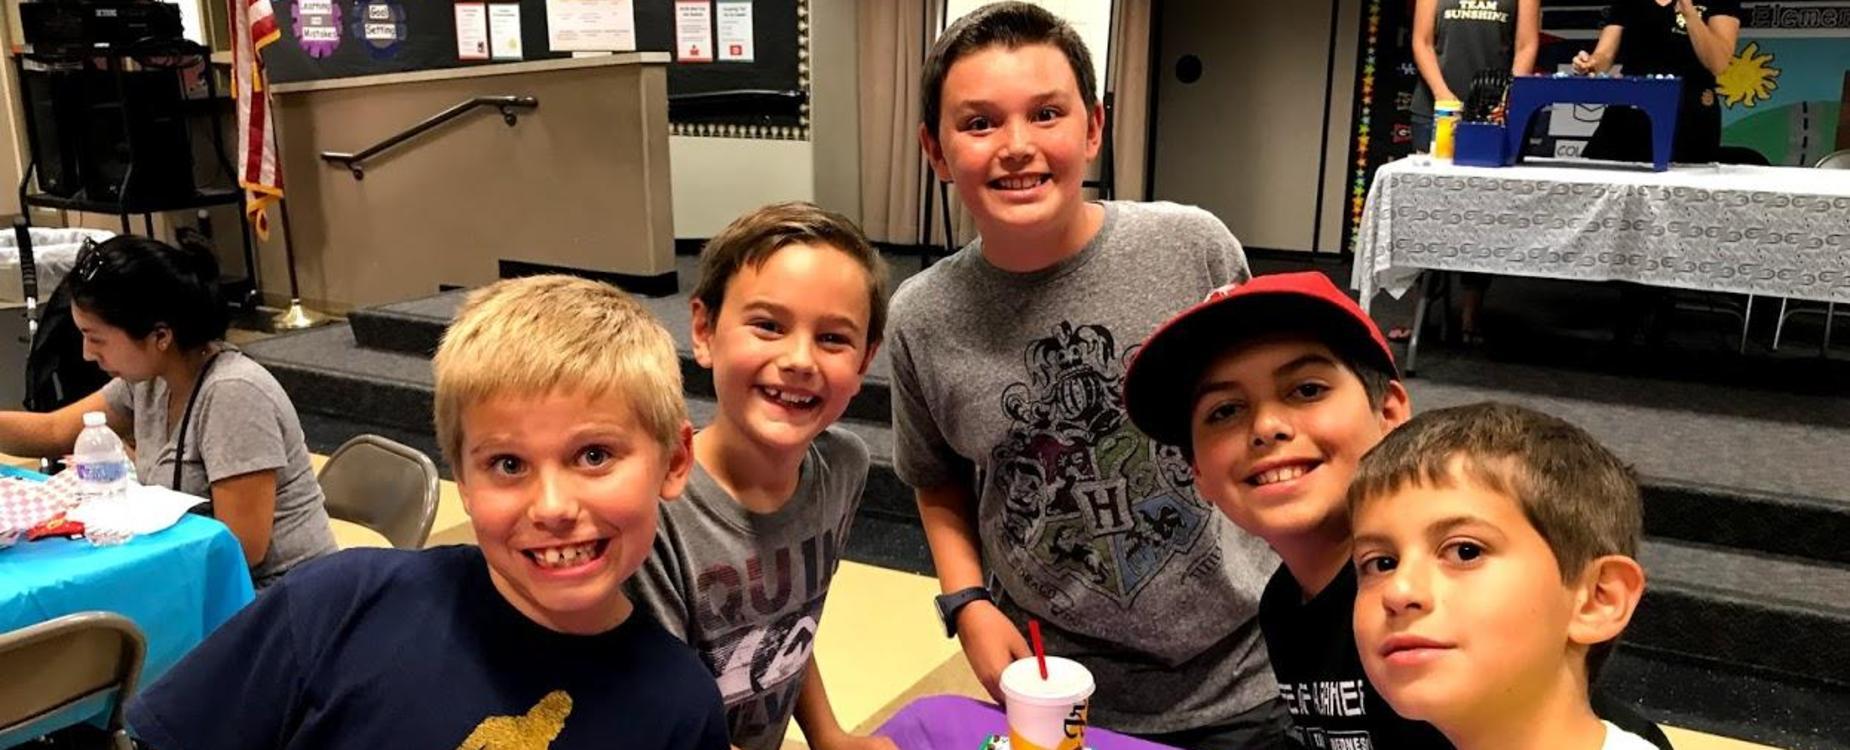 Boys enjoying bingo night